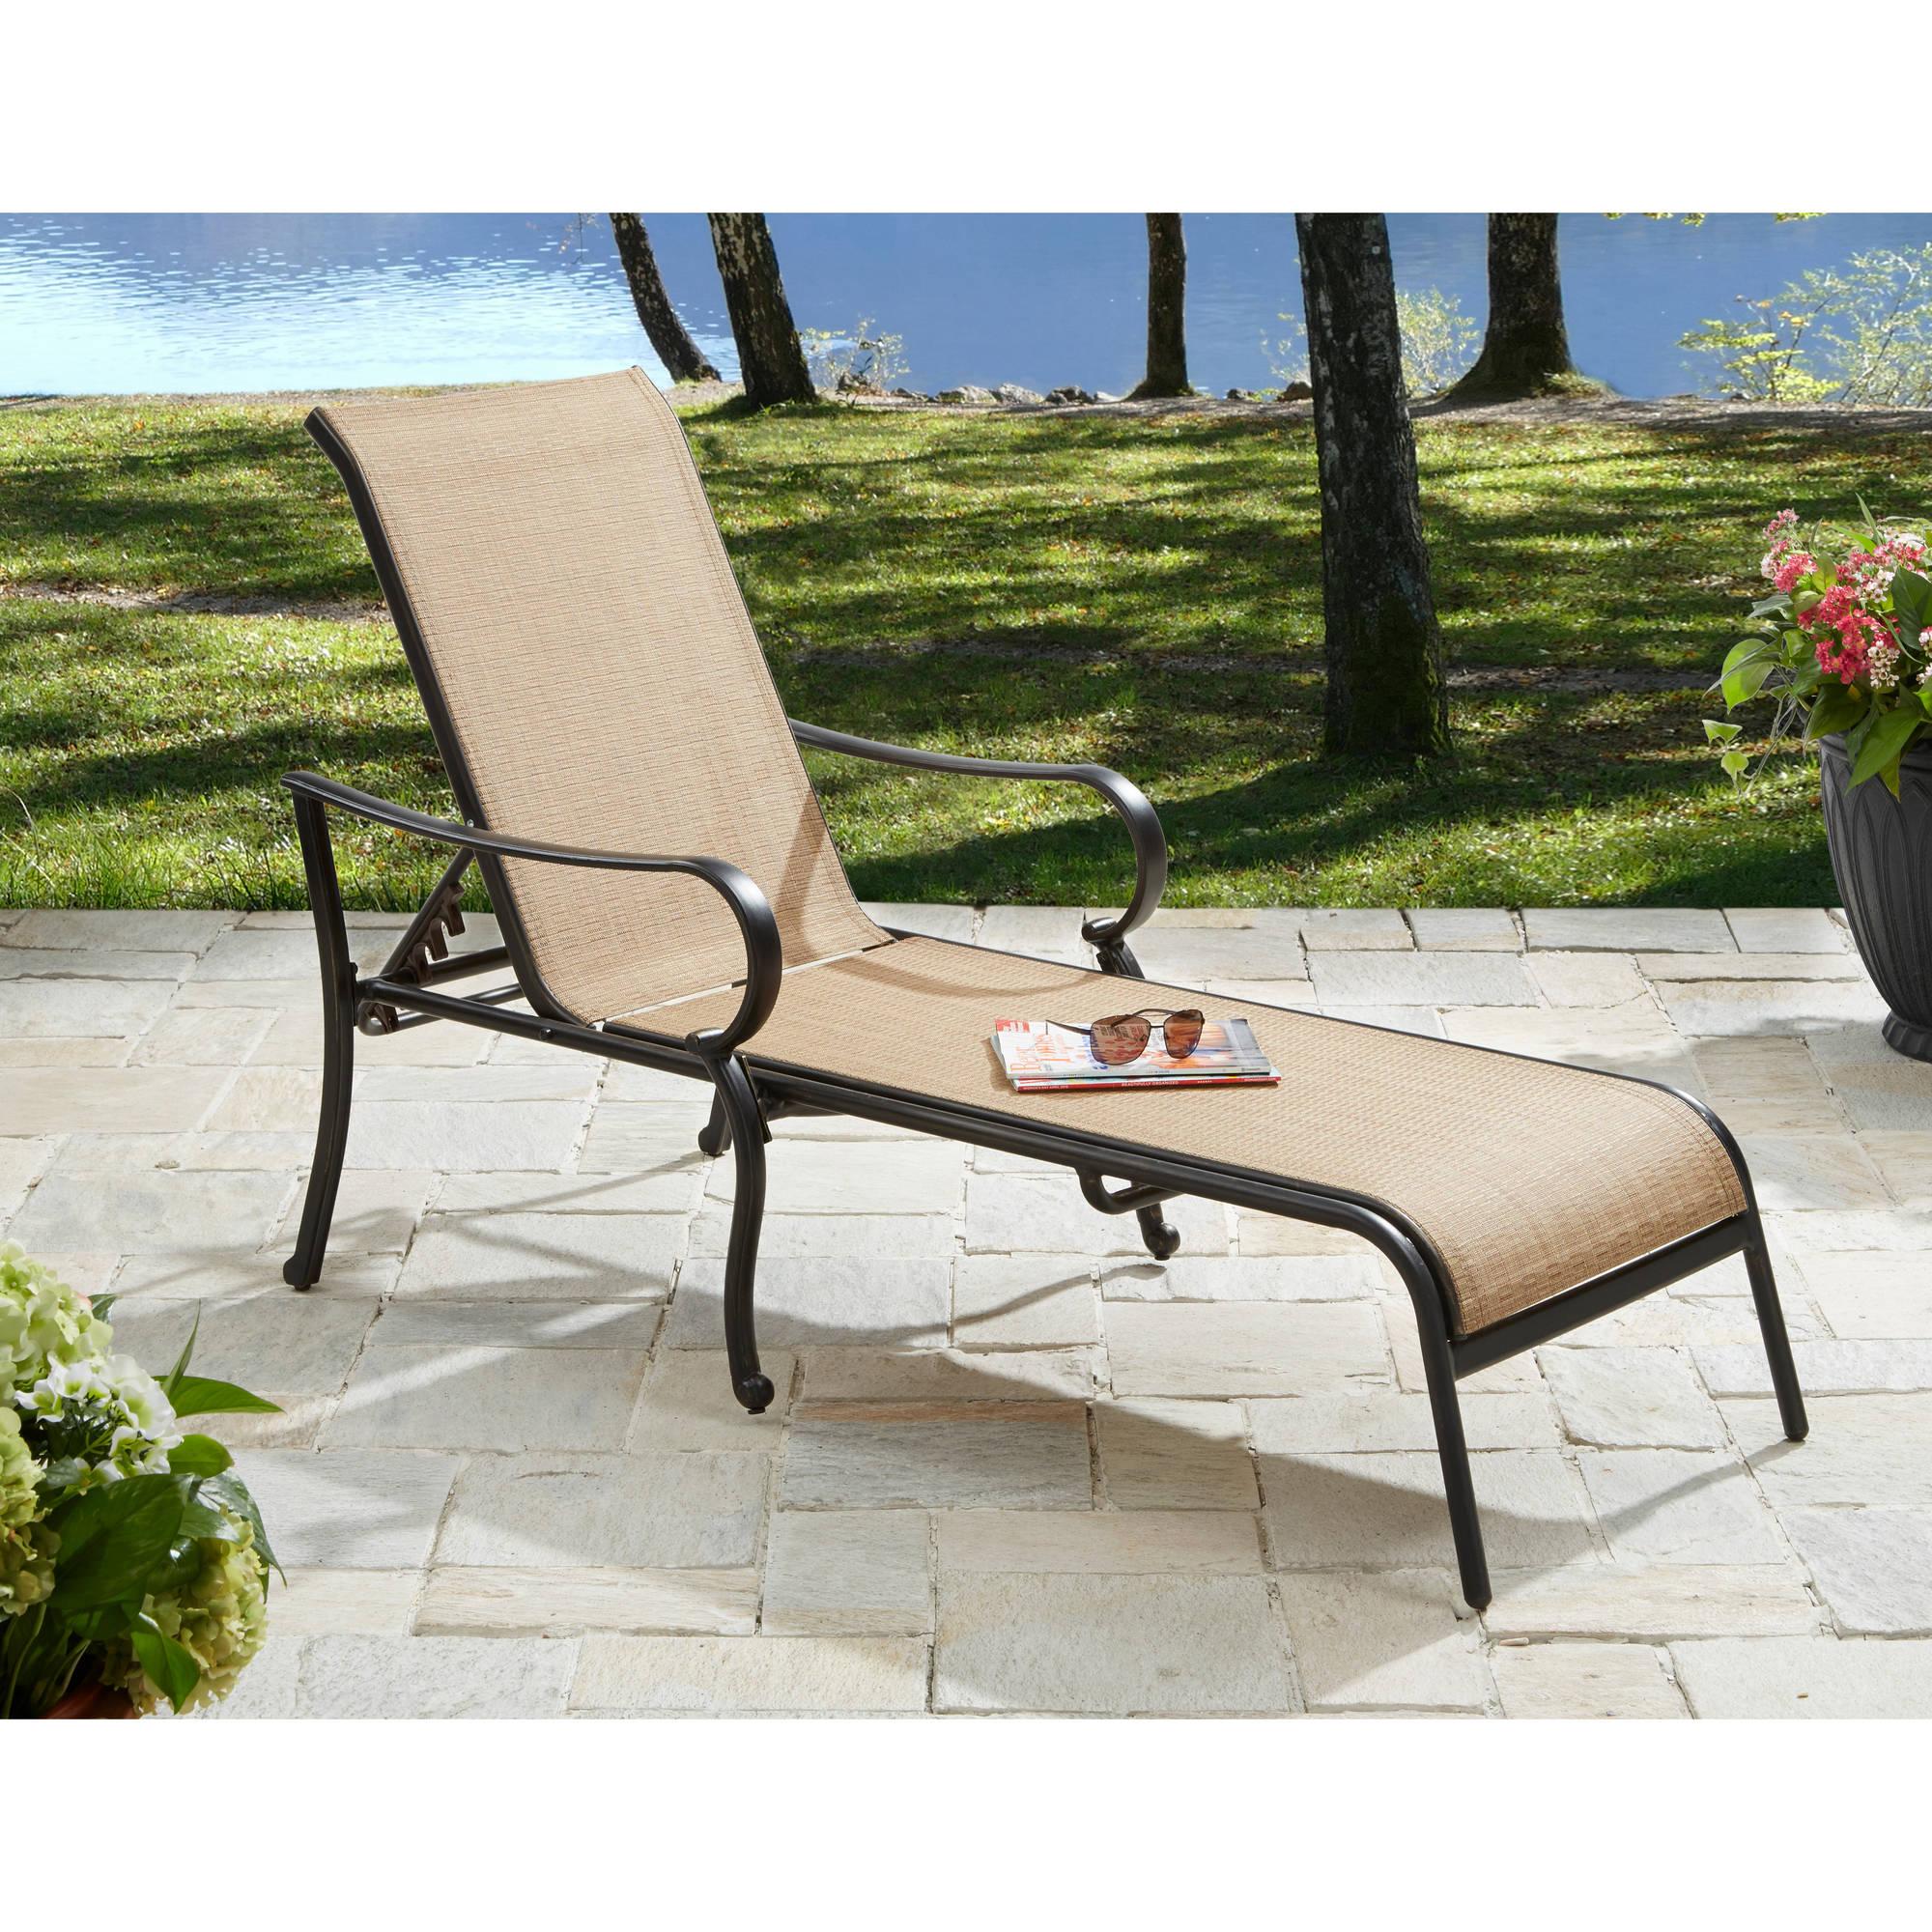 Better Homes & Gardens Warrens Outdoor Chaise Lounge - Walmart.com